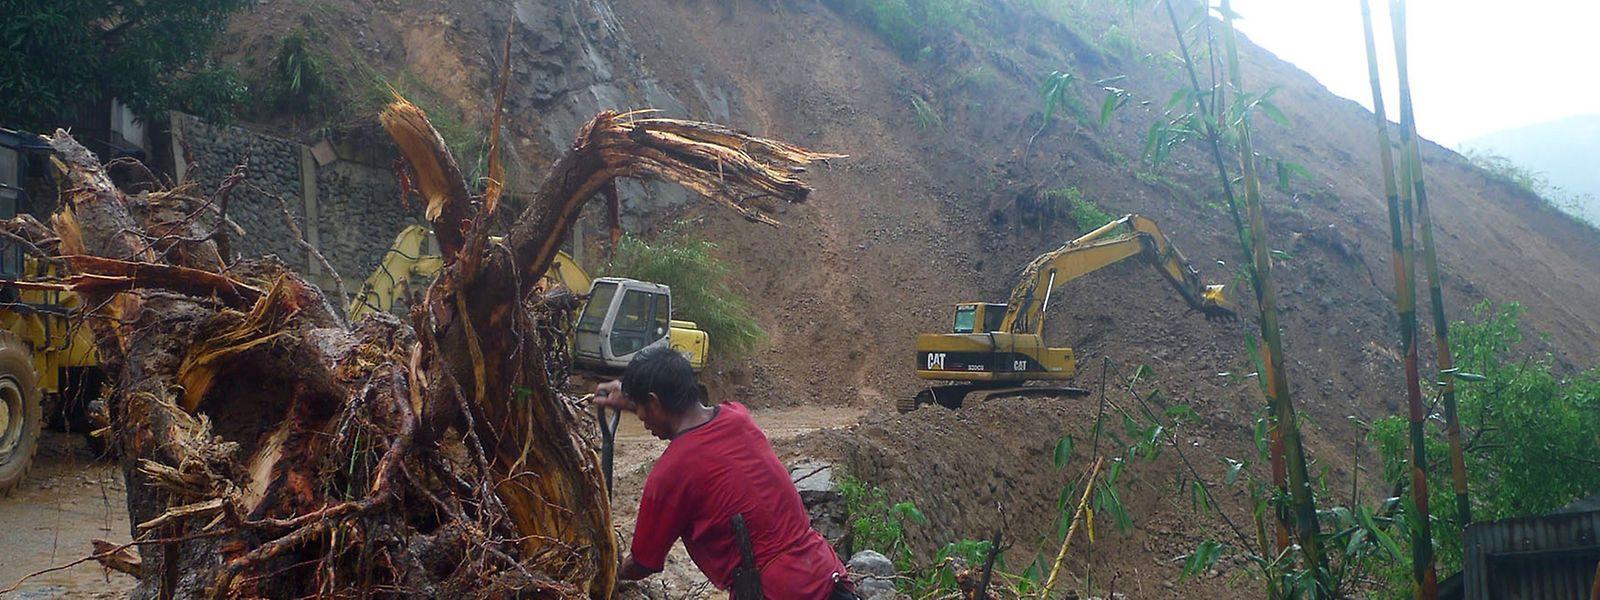 Der Sturm kappte Überlandstromleitungen und riss Strommasten und Bäume um. In einigen Gebieten fiel der Strom aus, Straßen und Brücken waren den Behörden zufolge zum Teil unpassierbar.